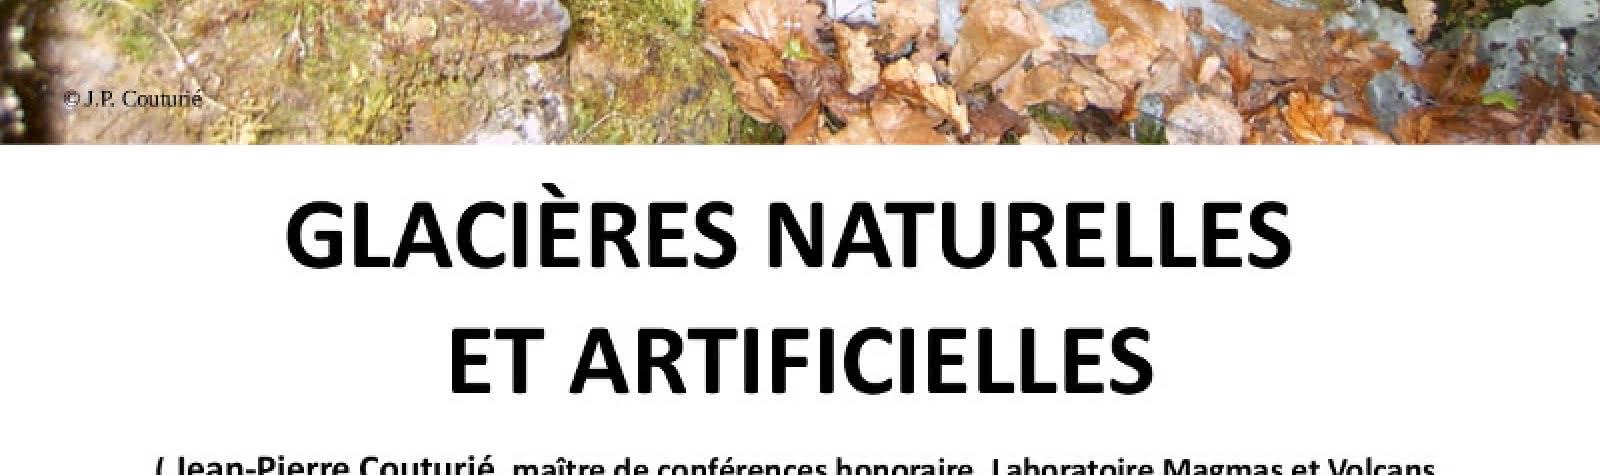 Conférence Glacières naturelles et artificielles